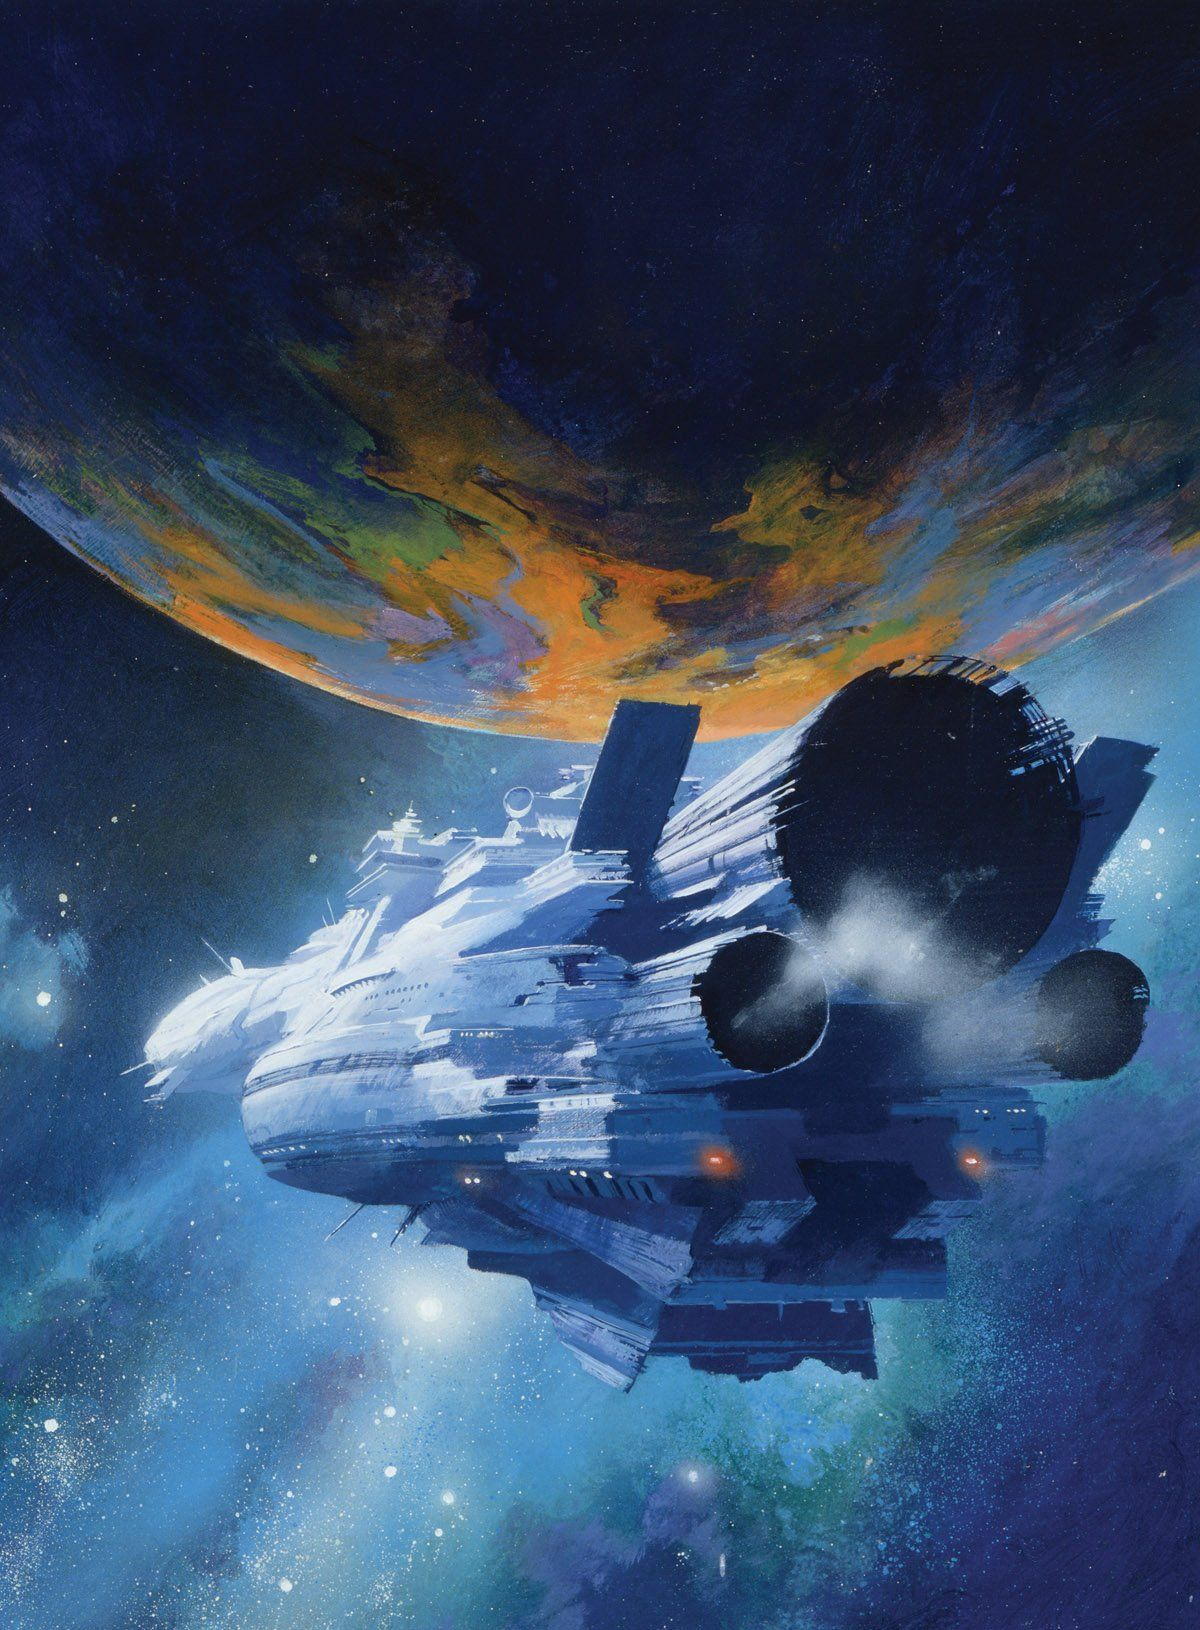 The Art of John Harris Sf art, Sci fi art, Science